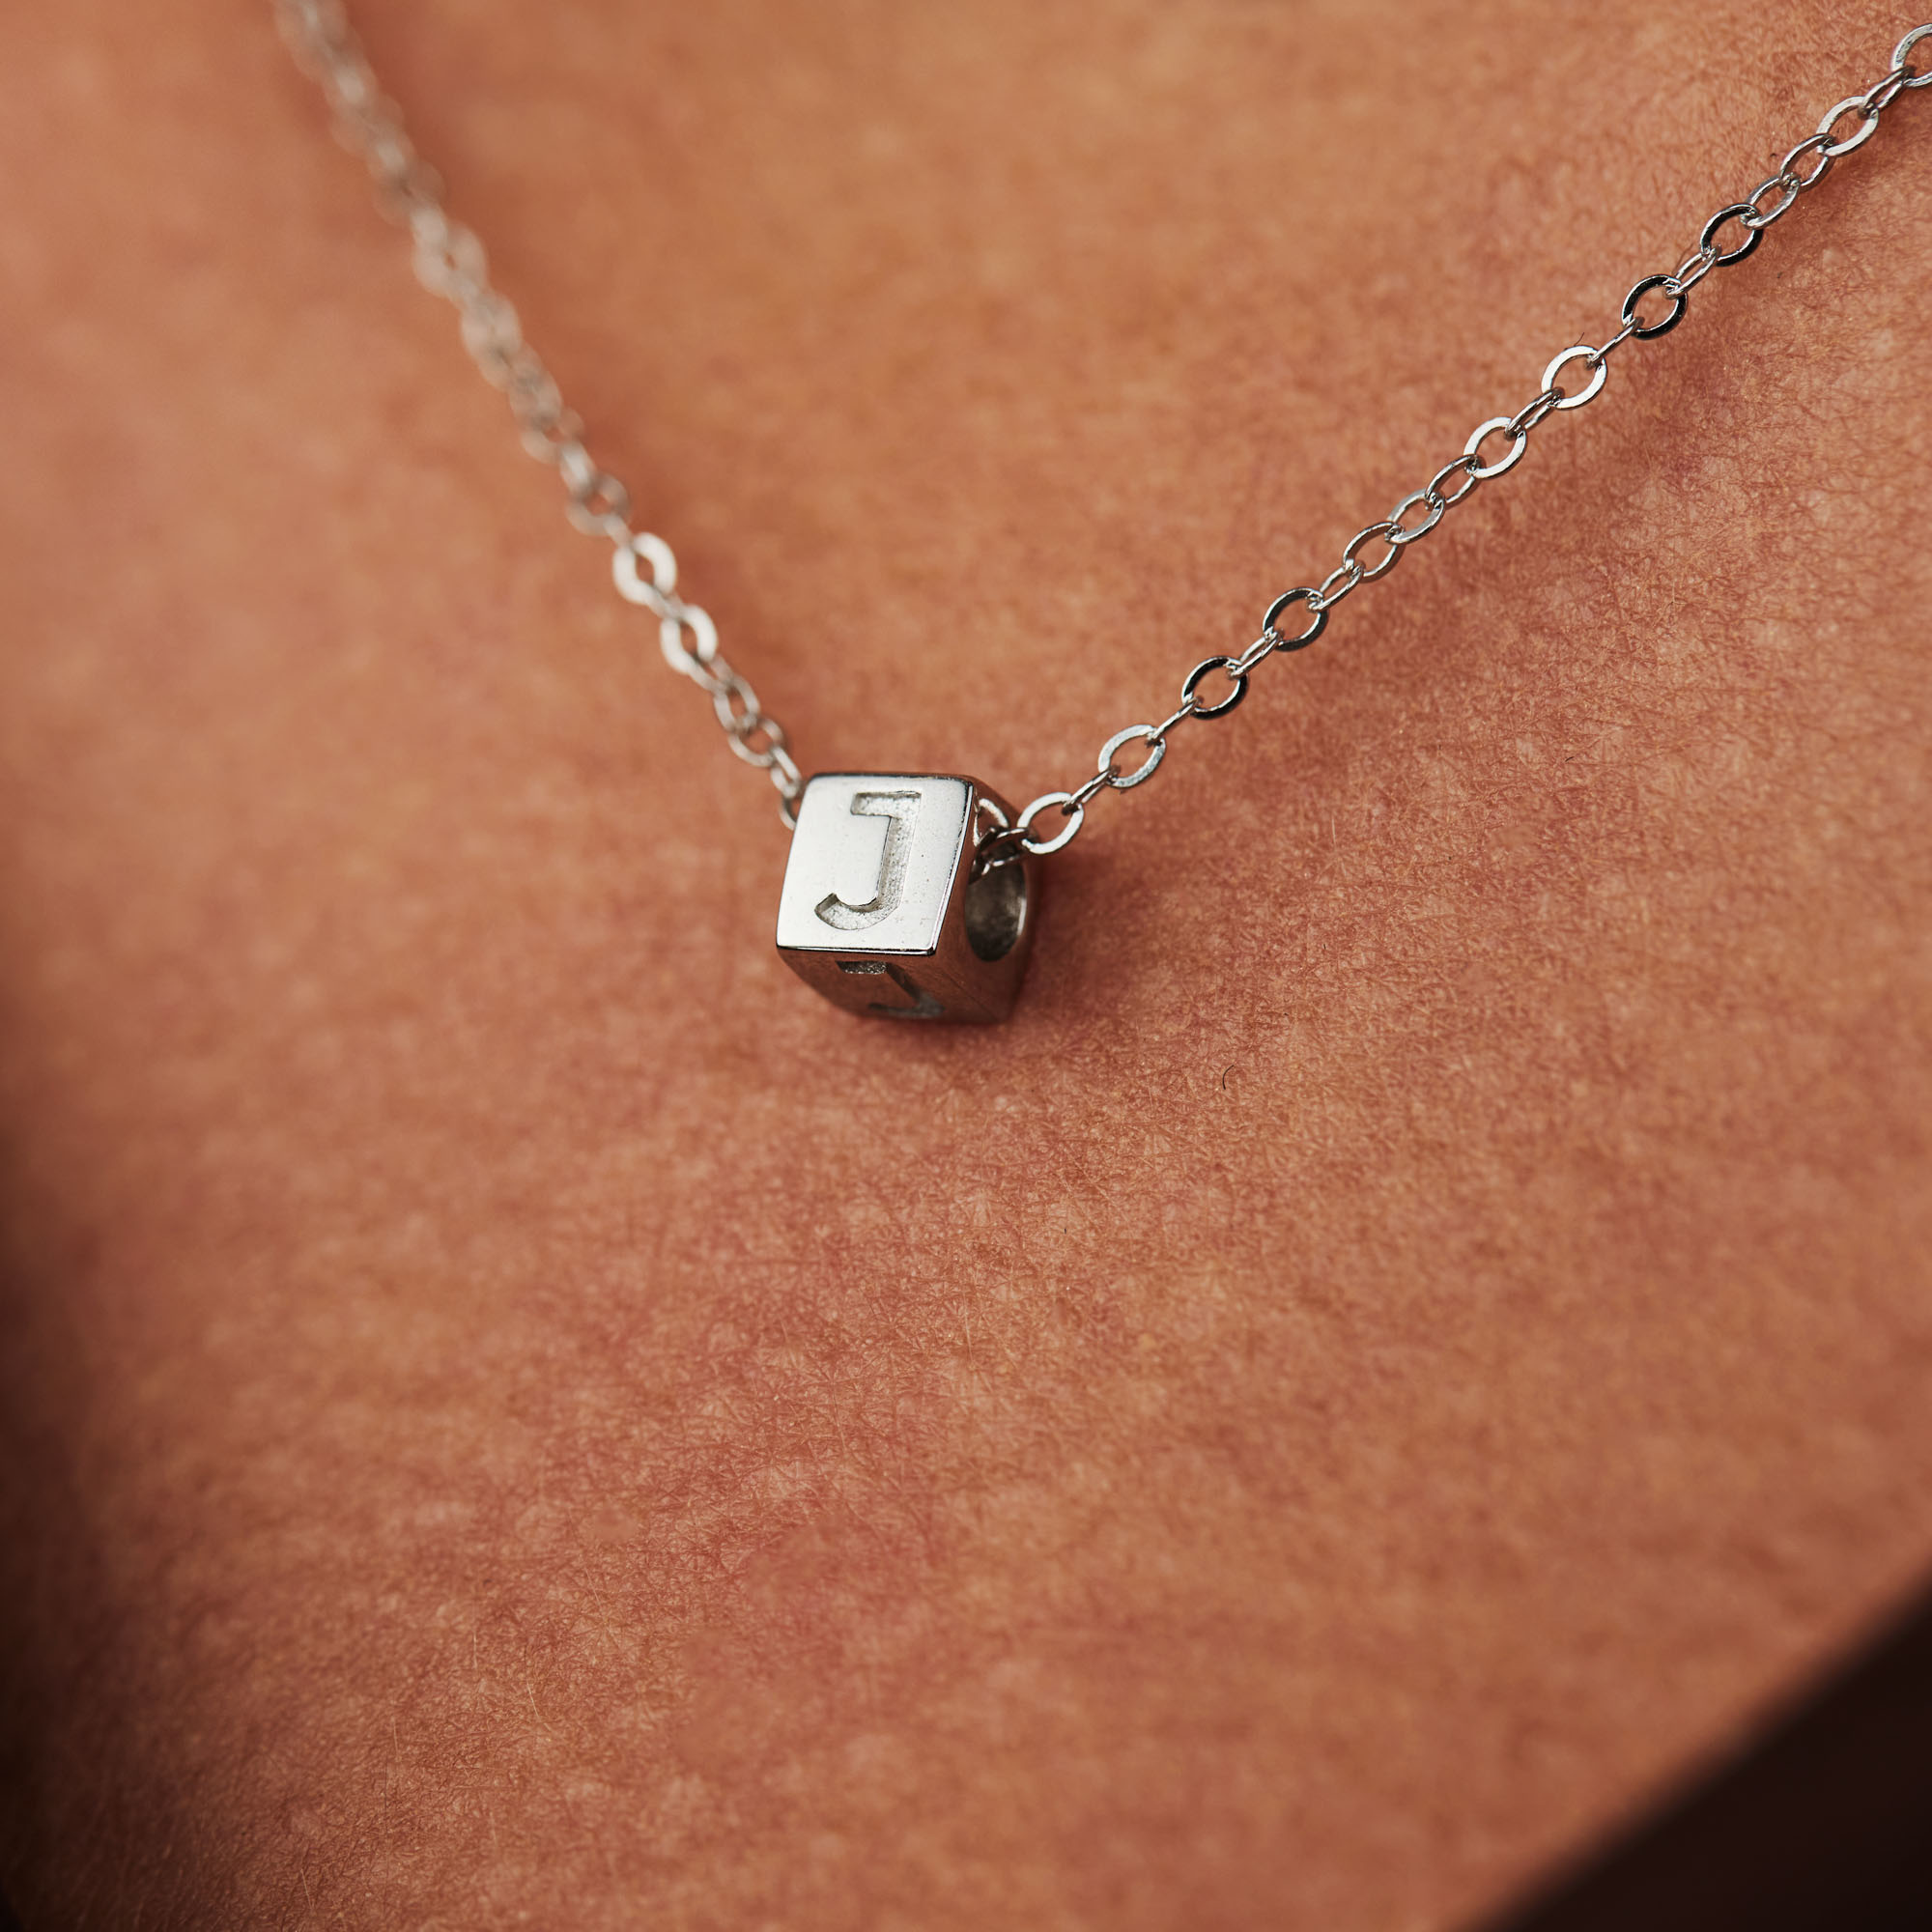 Selected Jewels Julie Céleste kub initialt halsband i 925 sterling silver